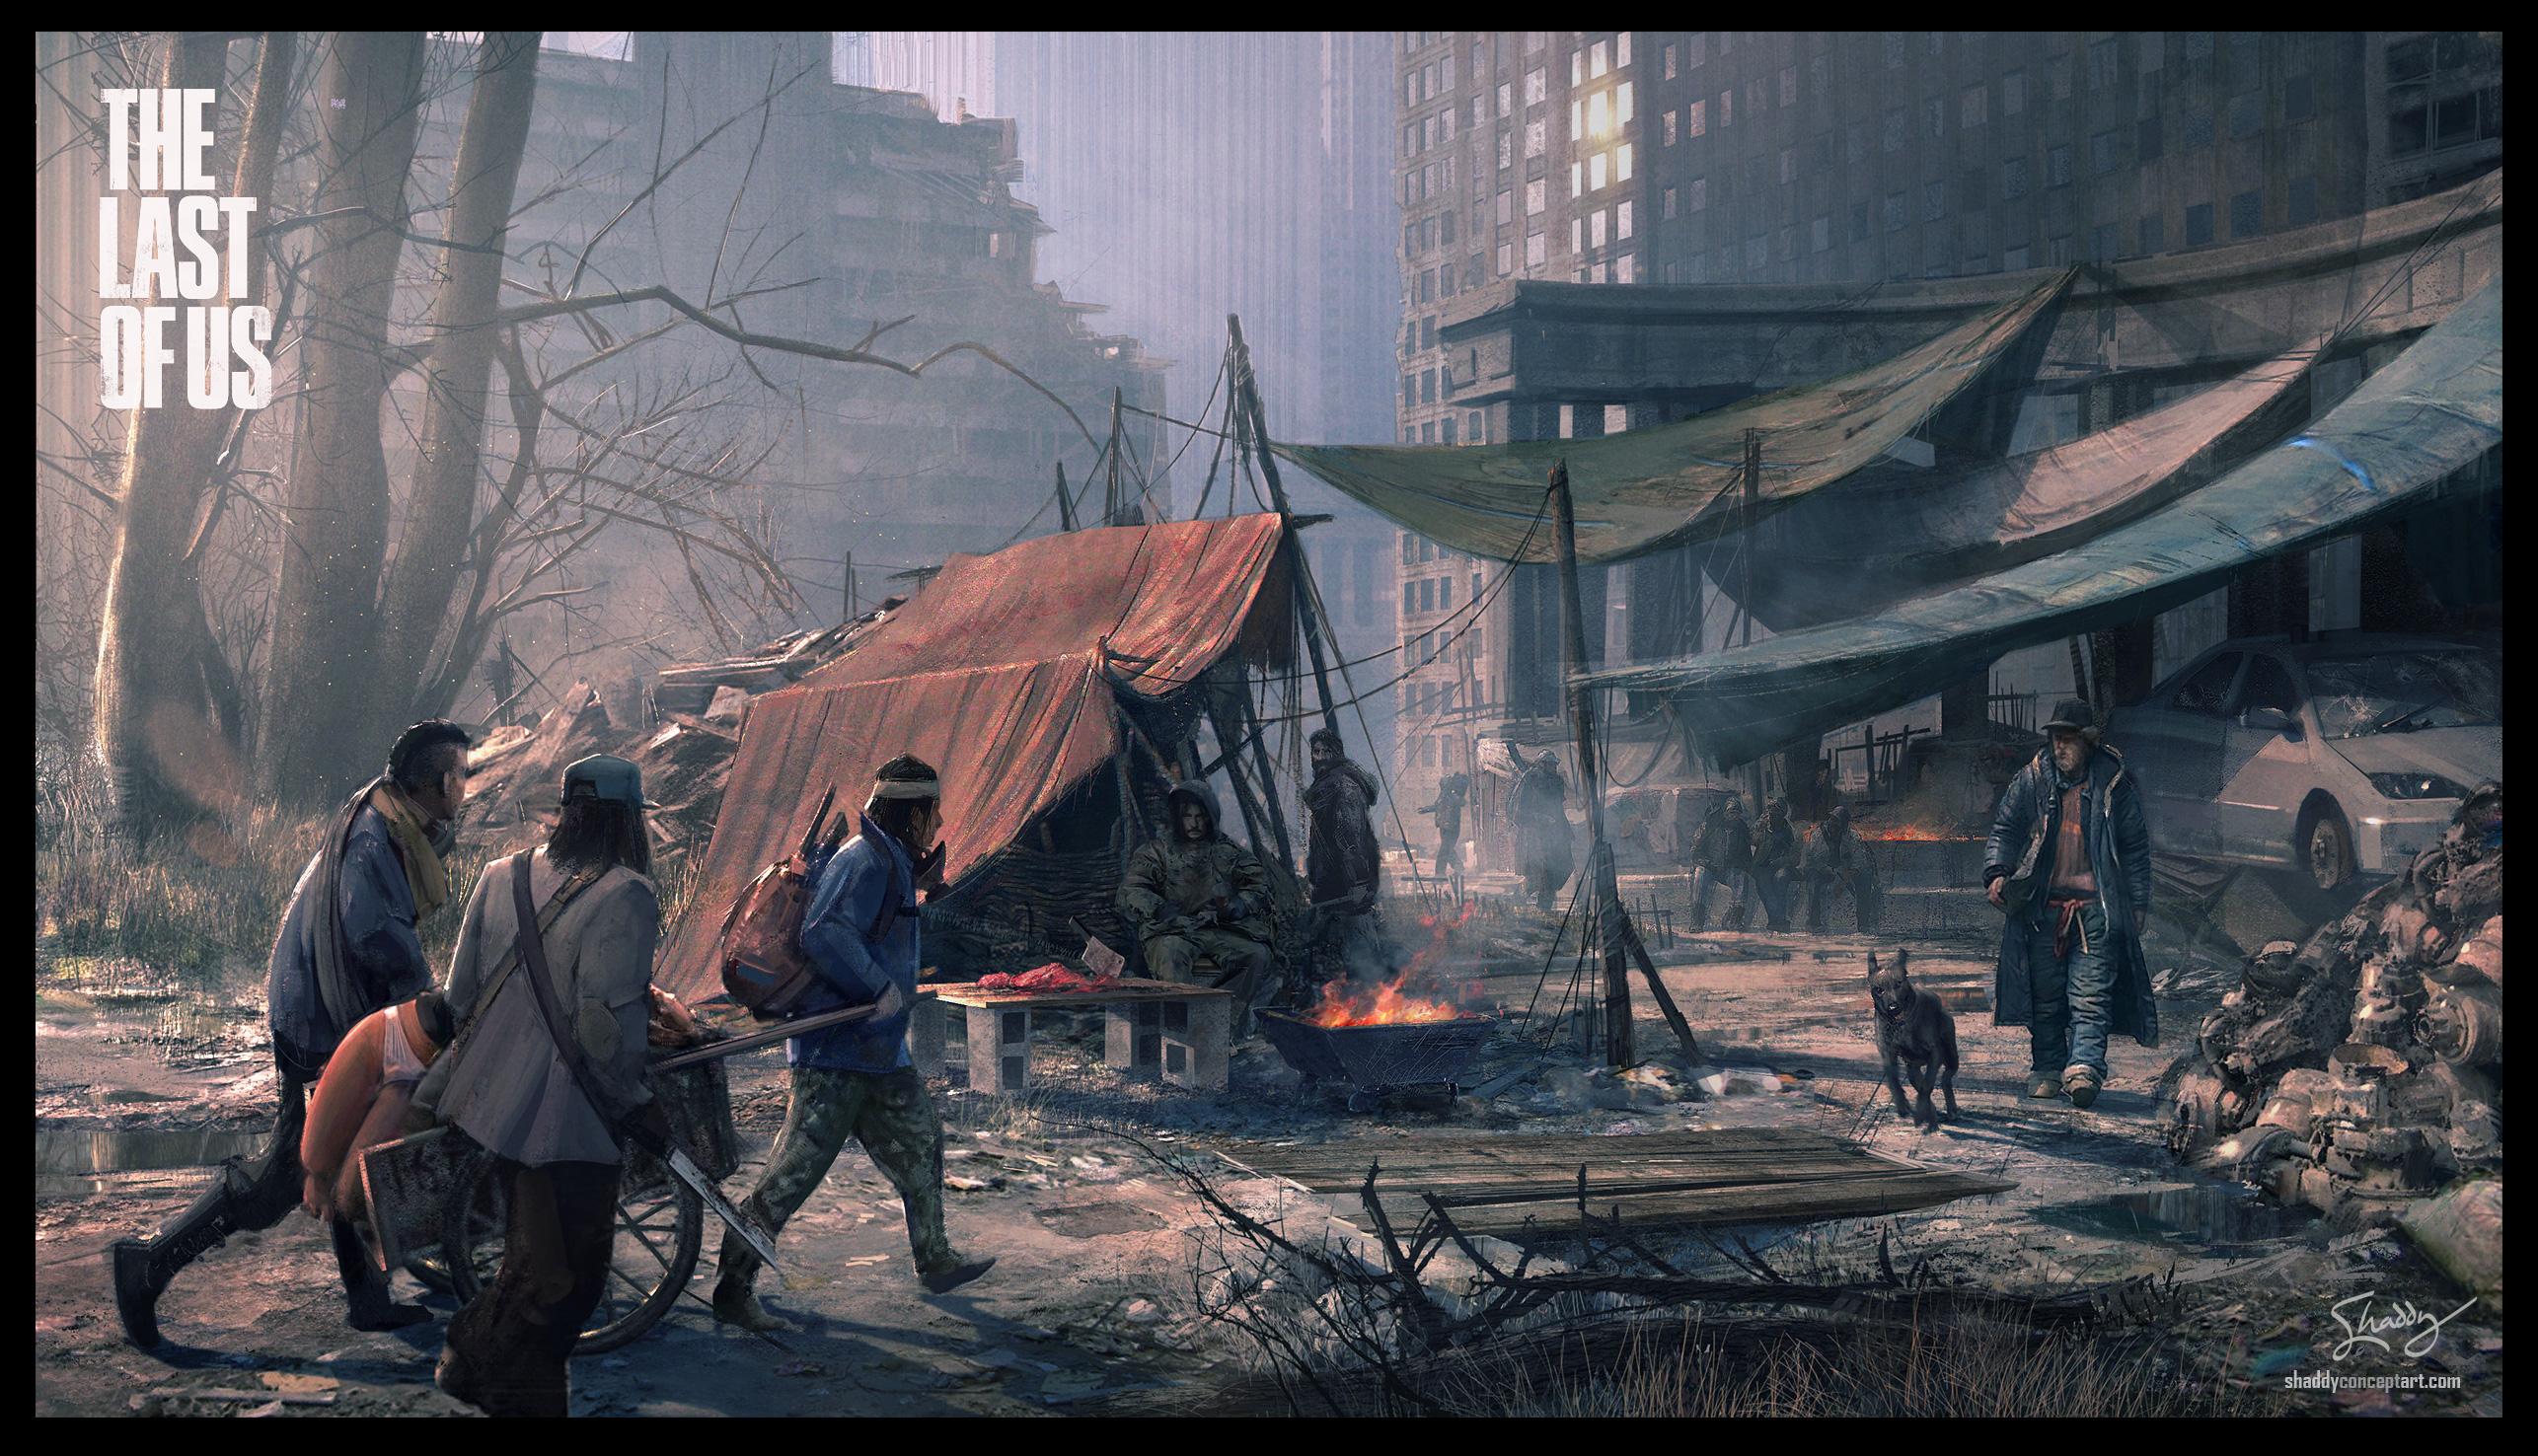 余生浮影《美国末日》游戏原画赏-第17页-游戏频道